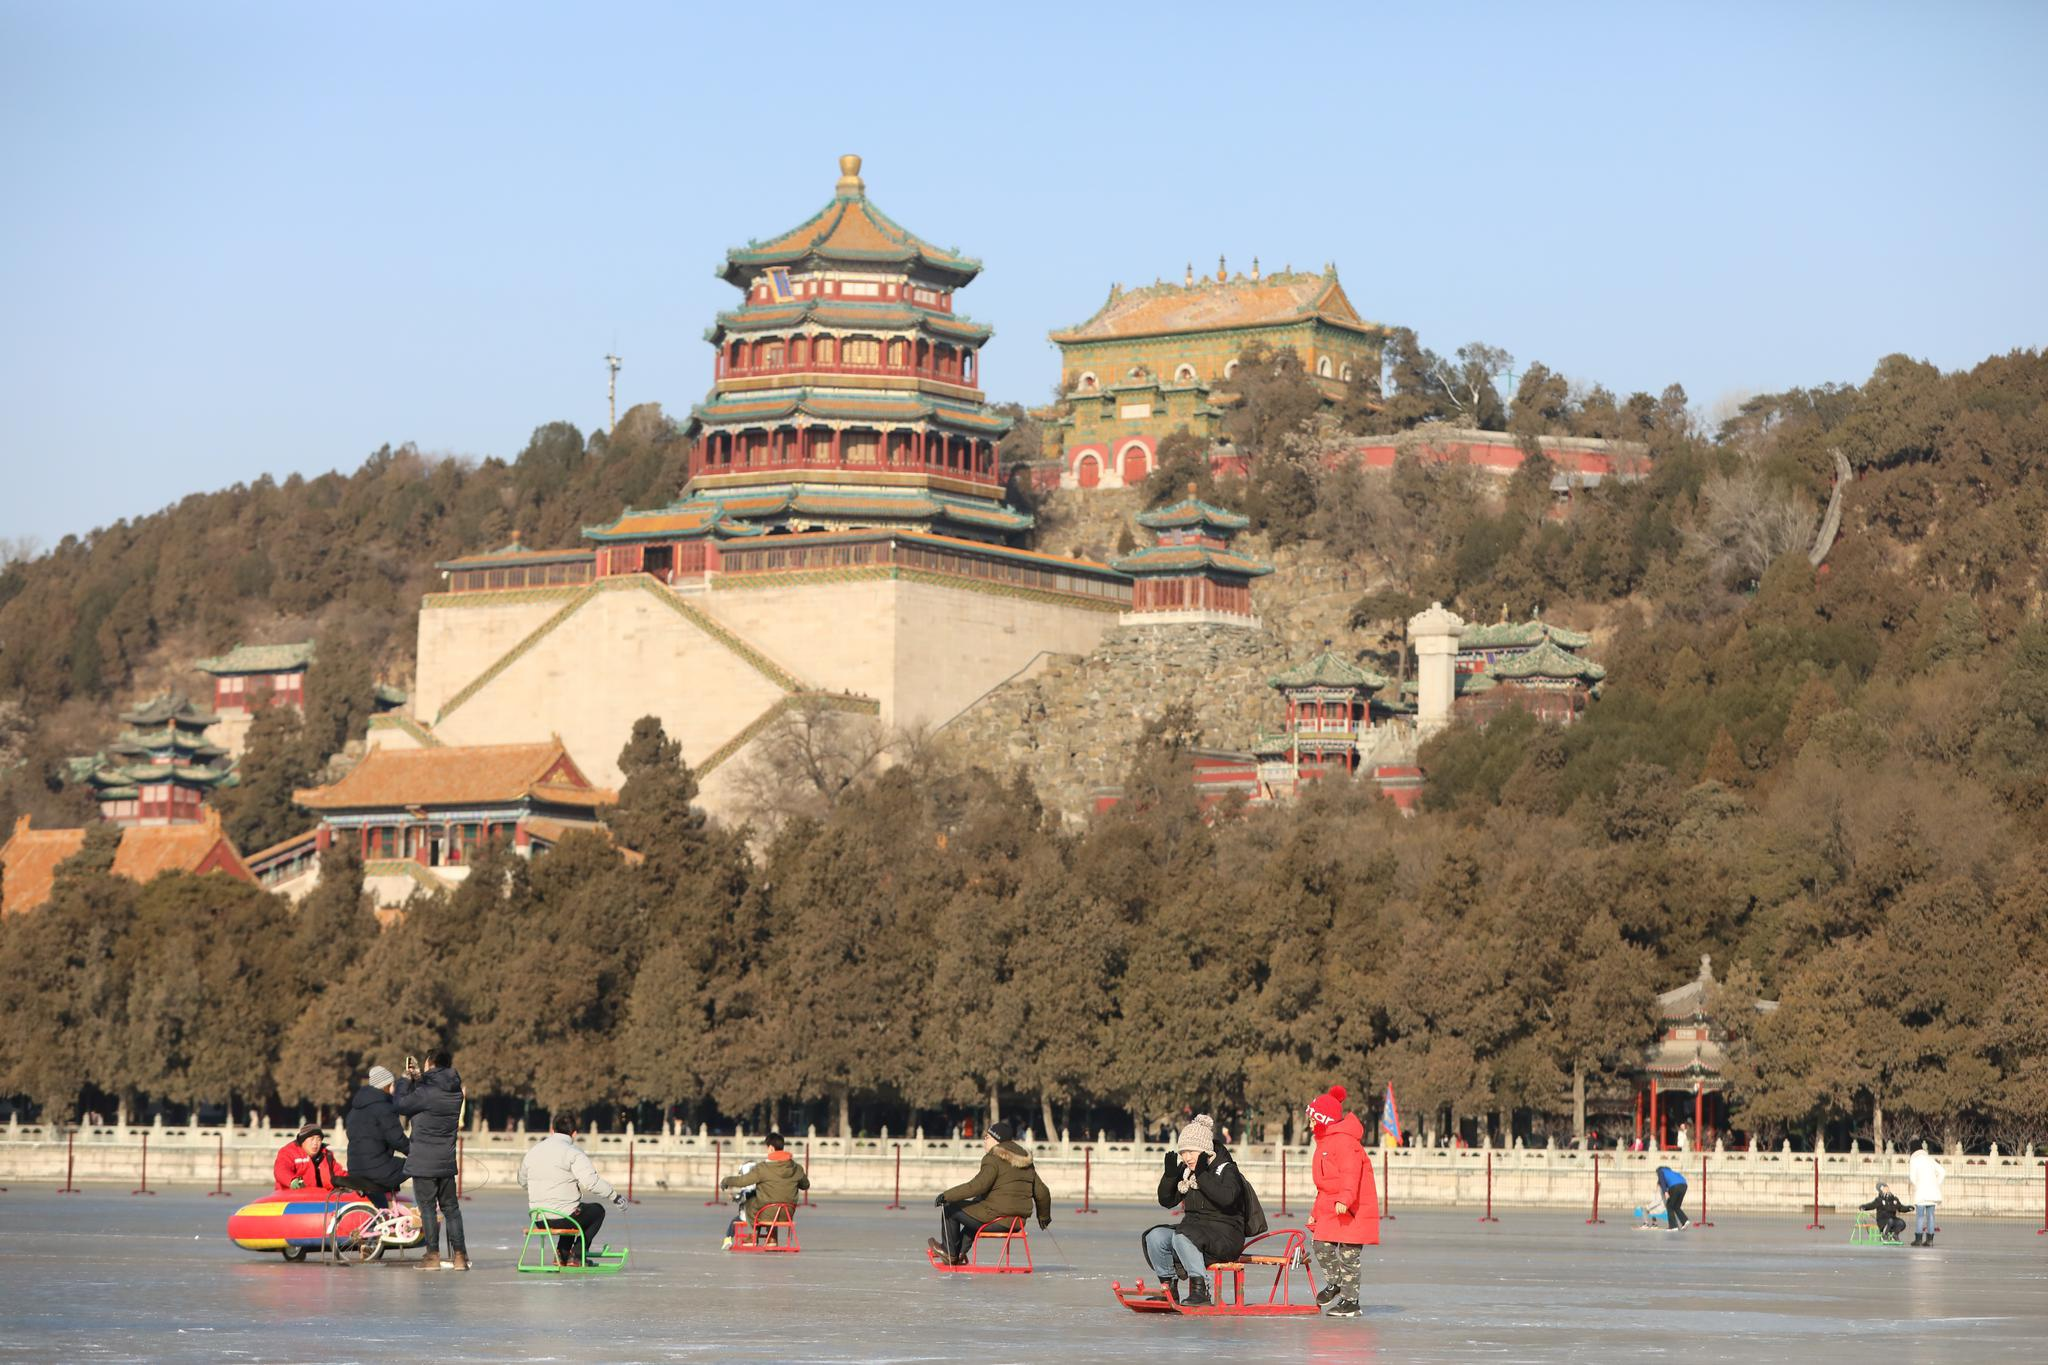 北京最大天然冰场今开放 元旦来颐和园昆明湖撒欢图片